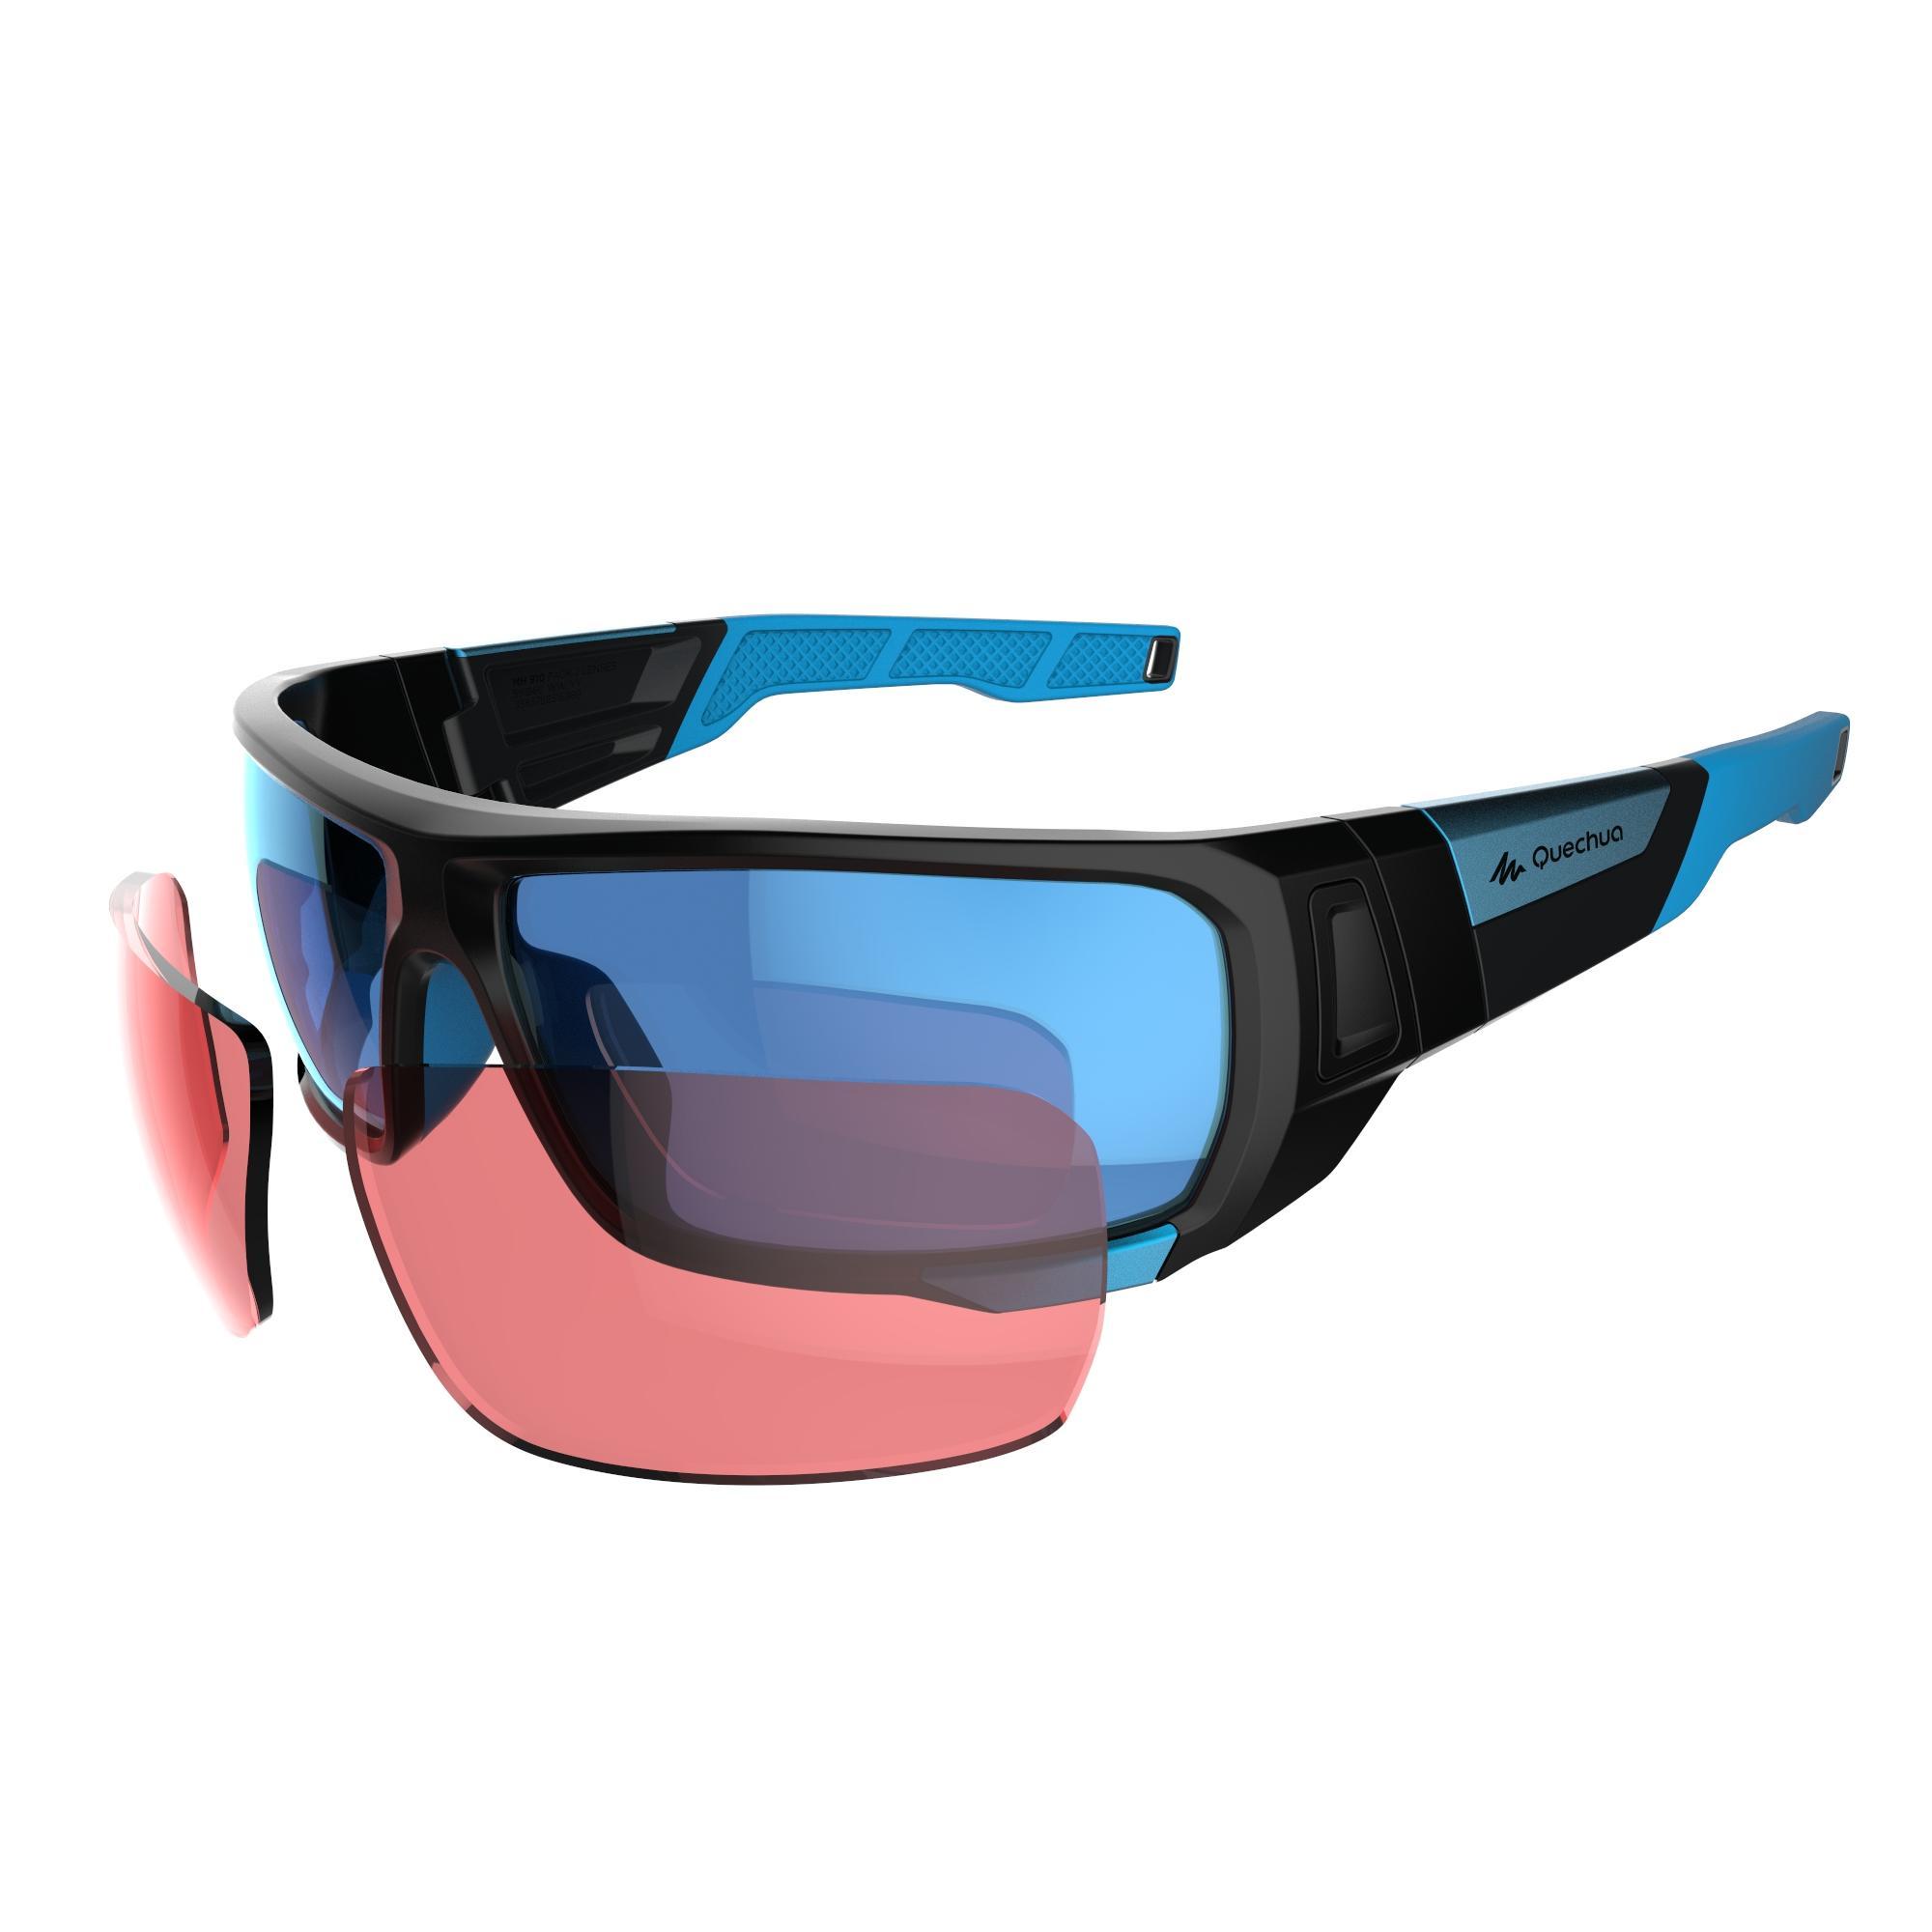 Lunettes de ski adulte SKIING 900 noires bleues verres interchangeables cat4 2